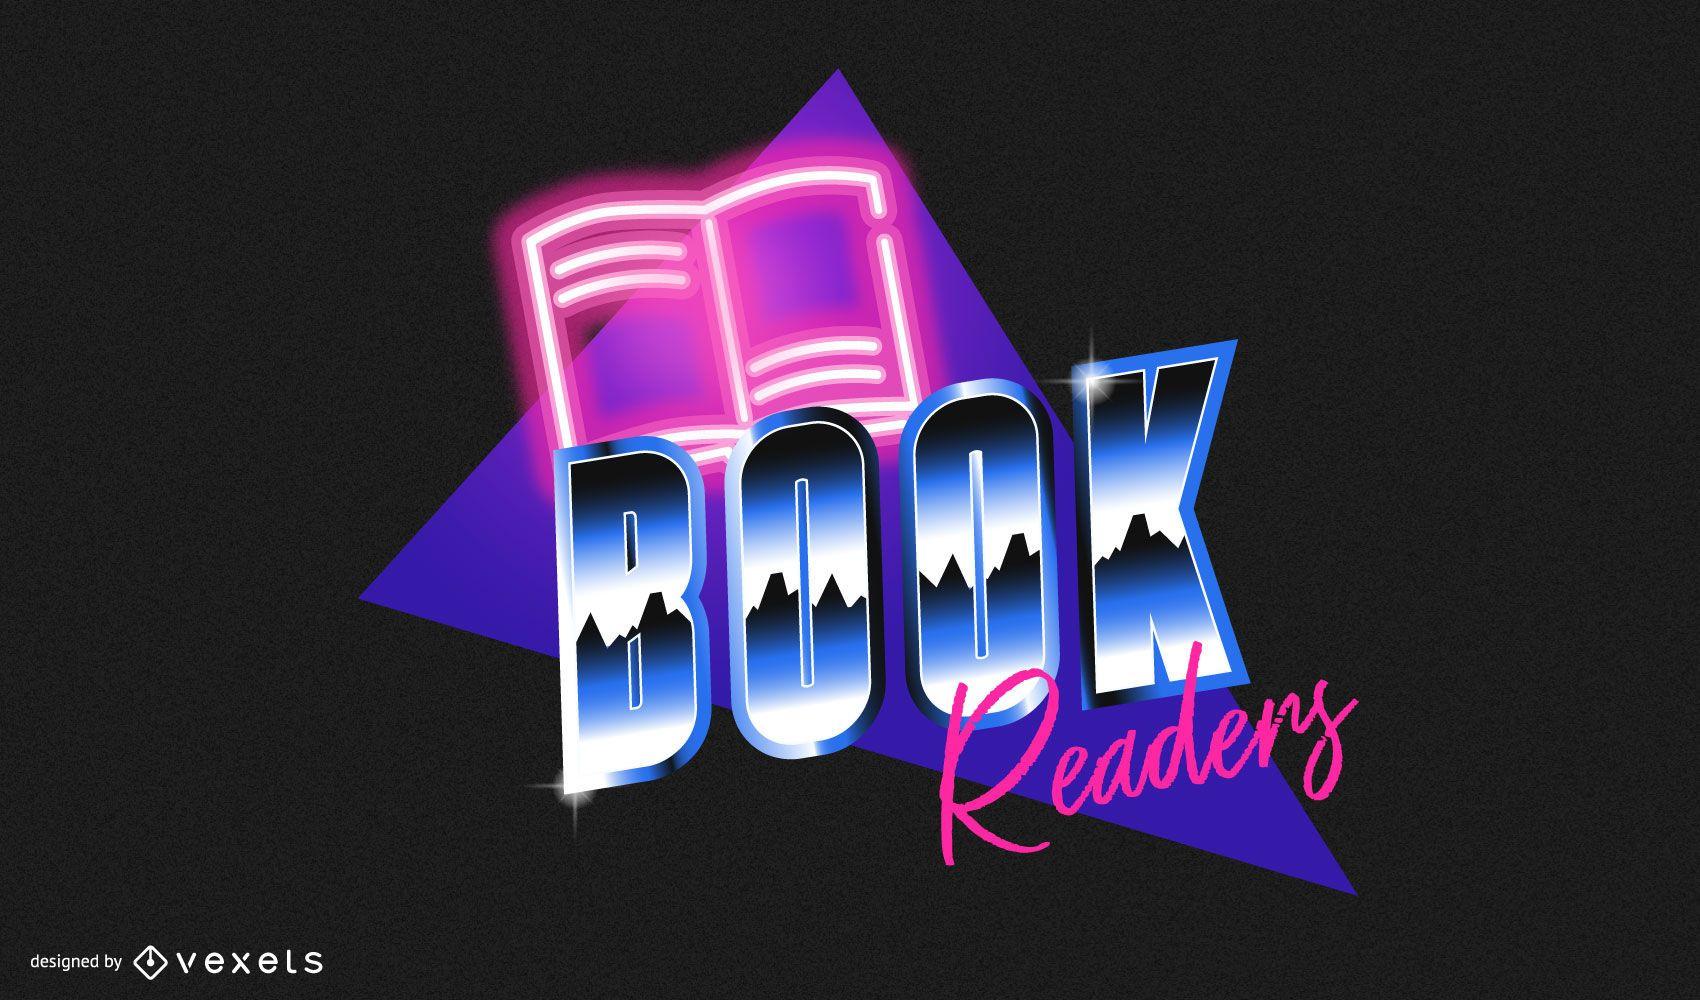 Insignia de lectores de libros retro